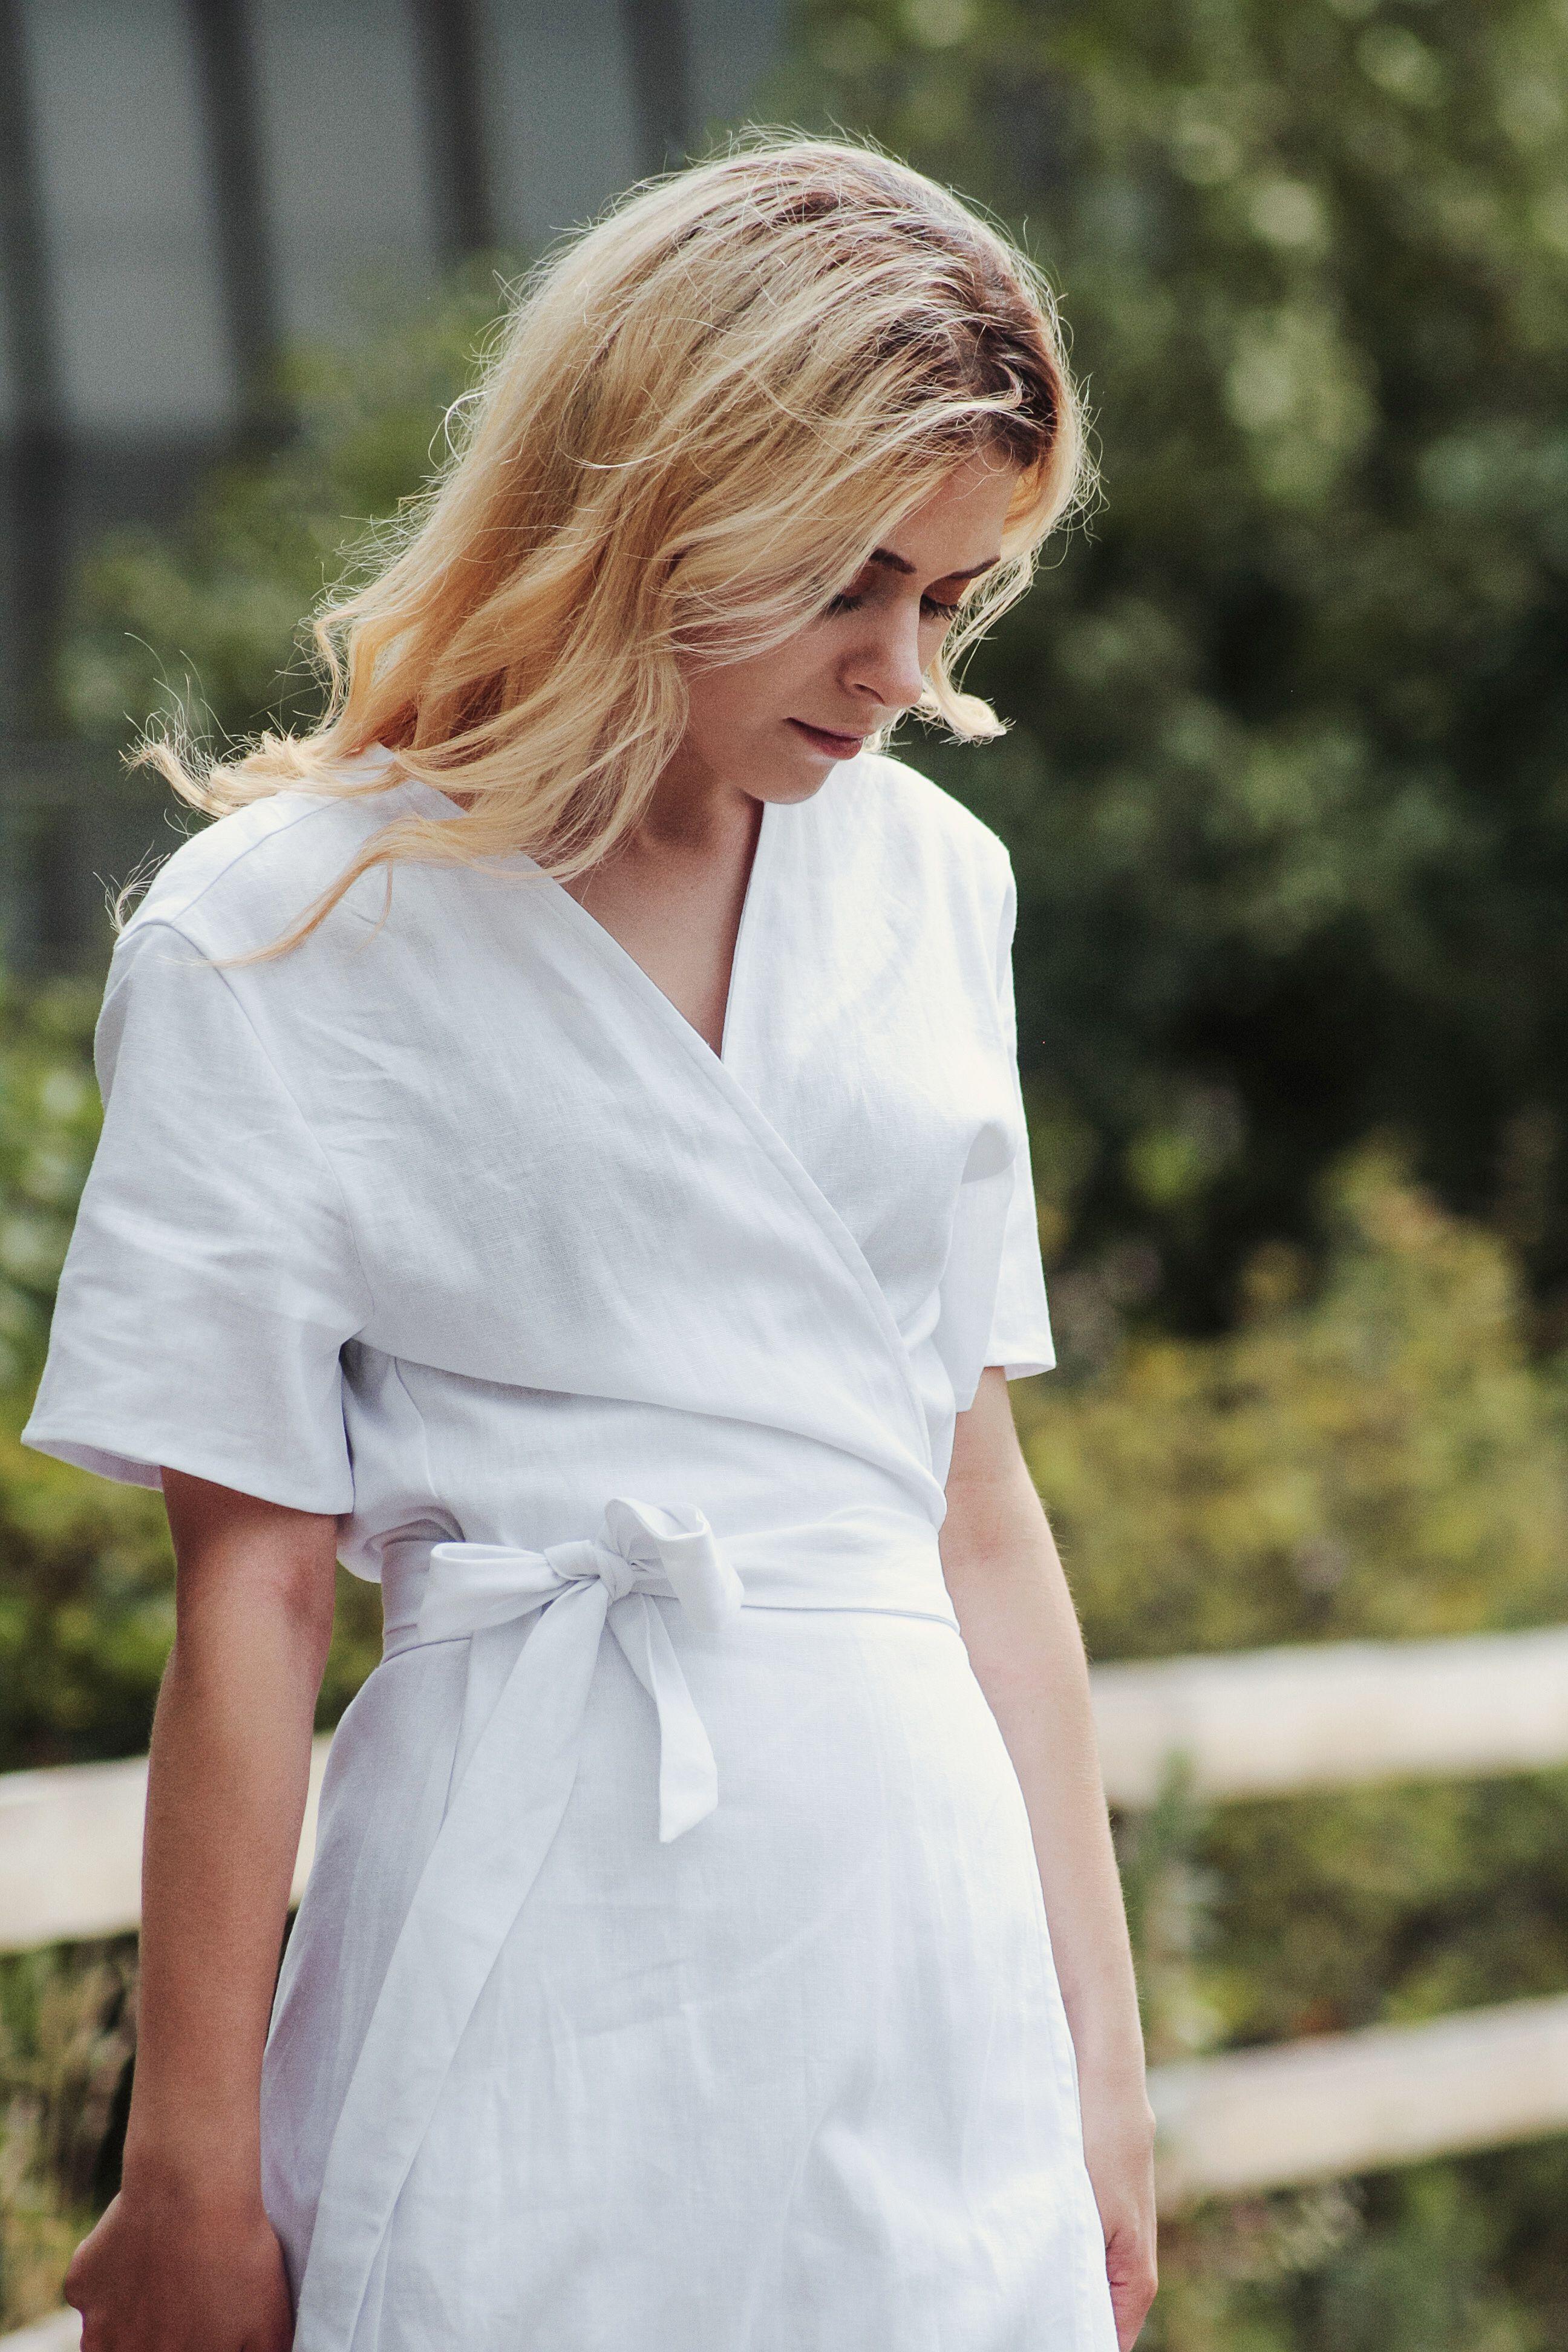 Linen Wedding Dress White Linen Dress Linen Dresses Wrap Linen Dress Bridesmaid Dress Linen Dresses For Women Boho Dress In 2020 White Linen Dresses Linen Dresses Dresses